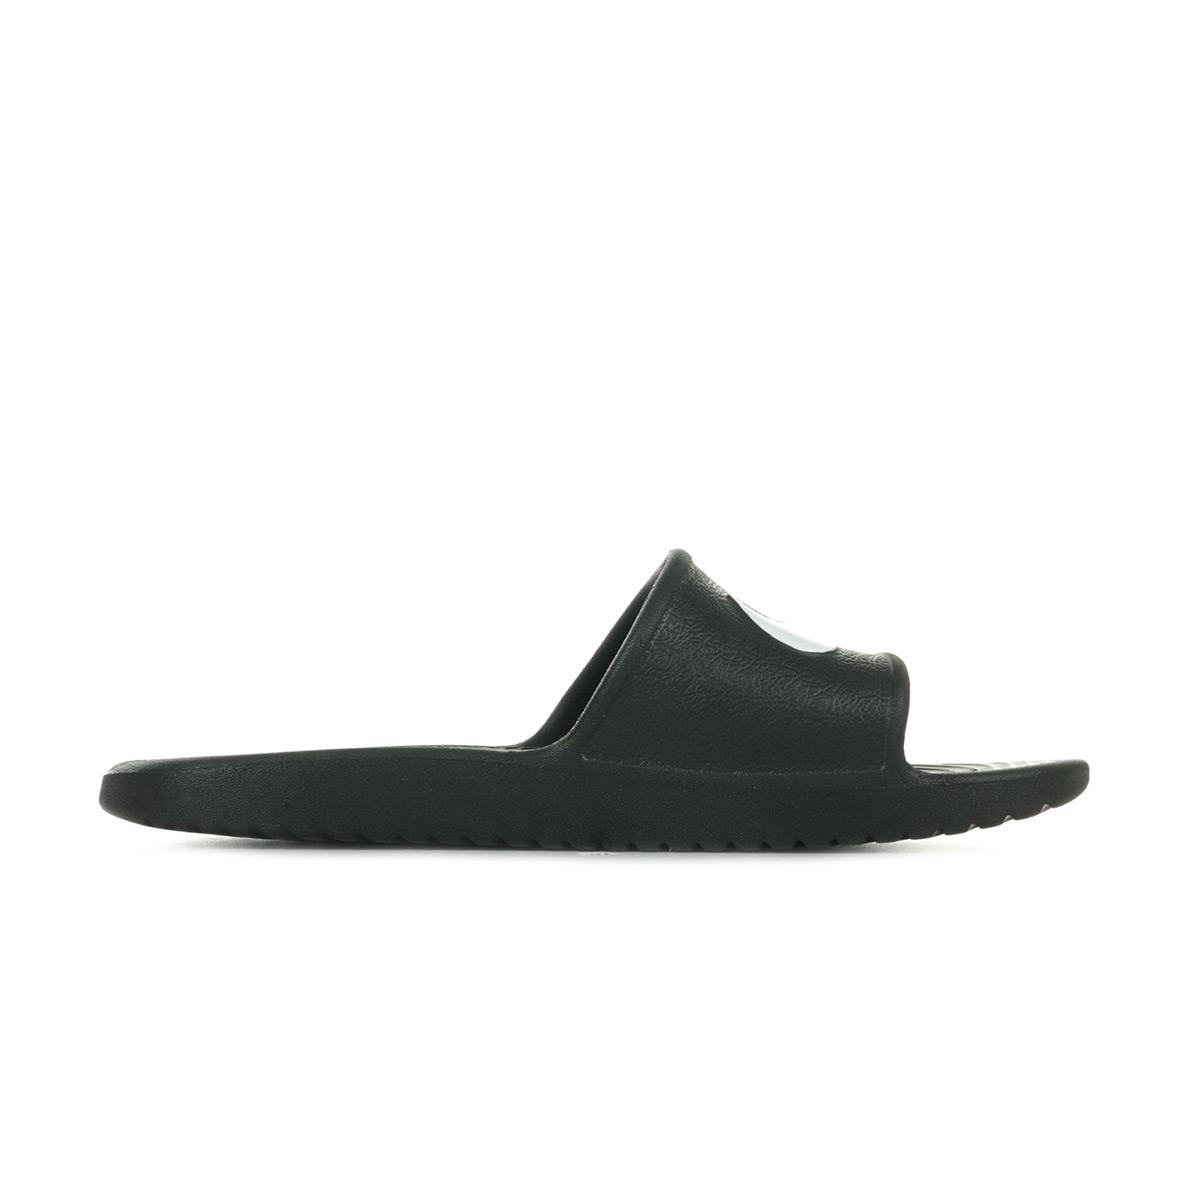 6255a038769c1 Sandales Nu Pieds Nike unisexe Kawa Shower taille Noir Noire ...